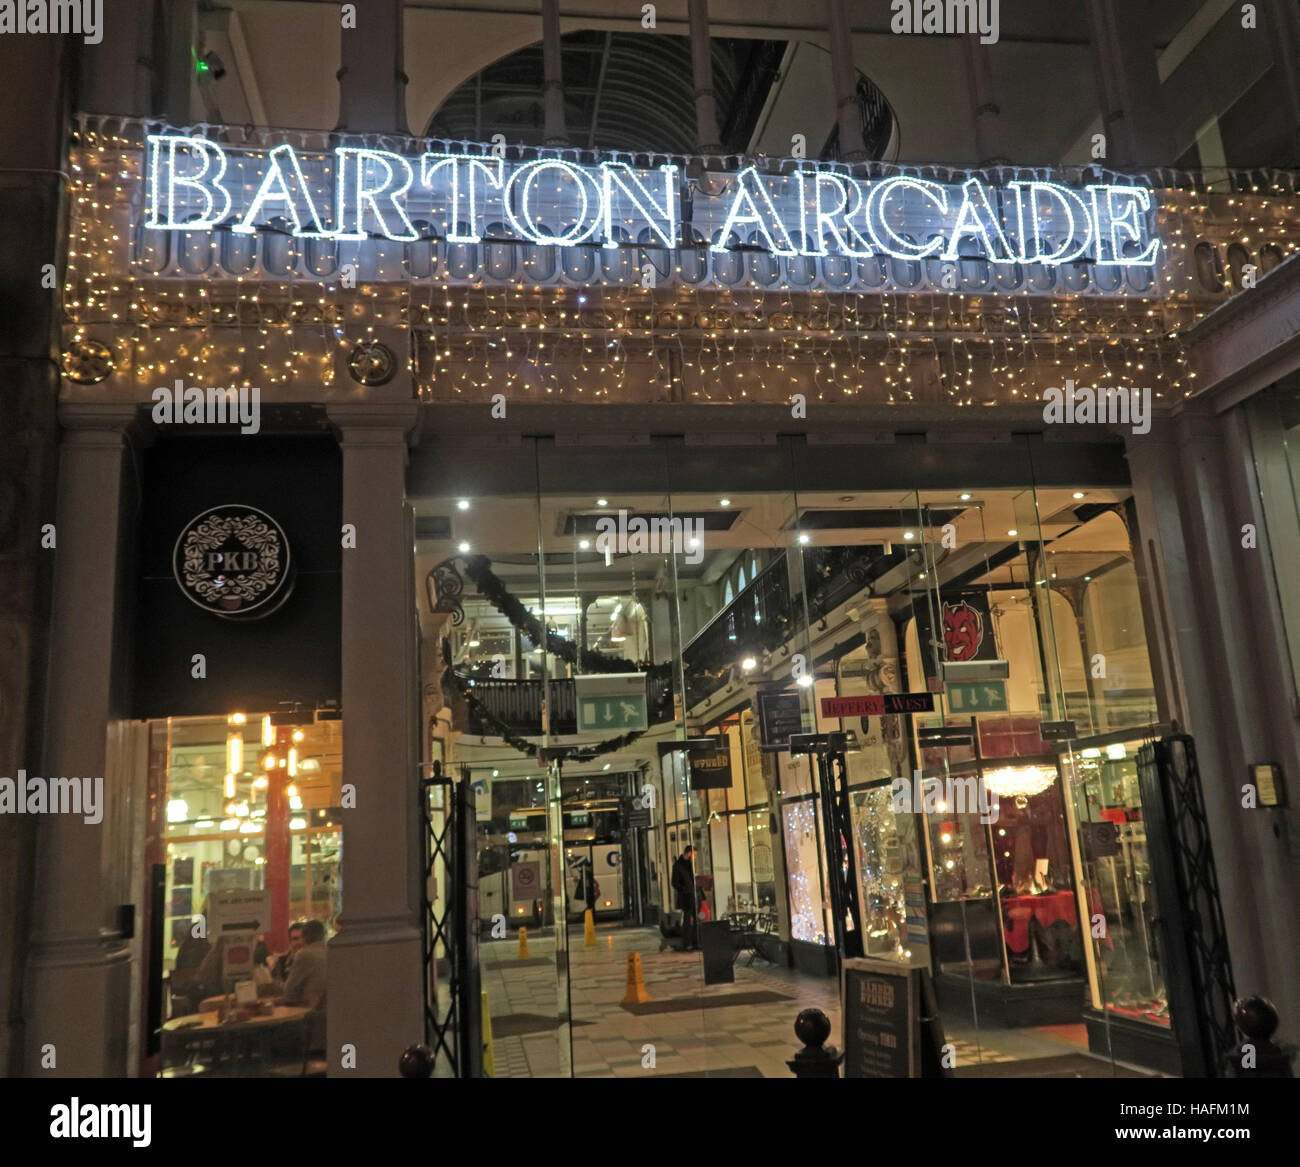 Laden Sie dieses Alamy Stockfoto Barton Arcade, Manchester Shopping, Winter, England, Großbritannien - HAFM1M